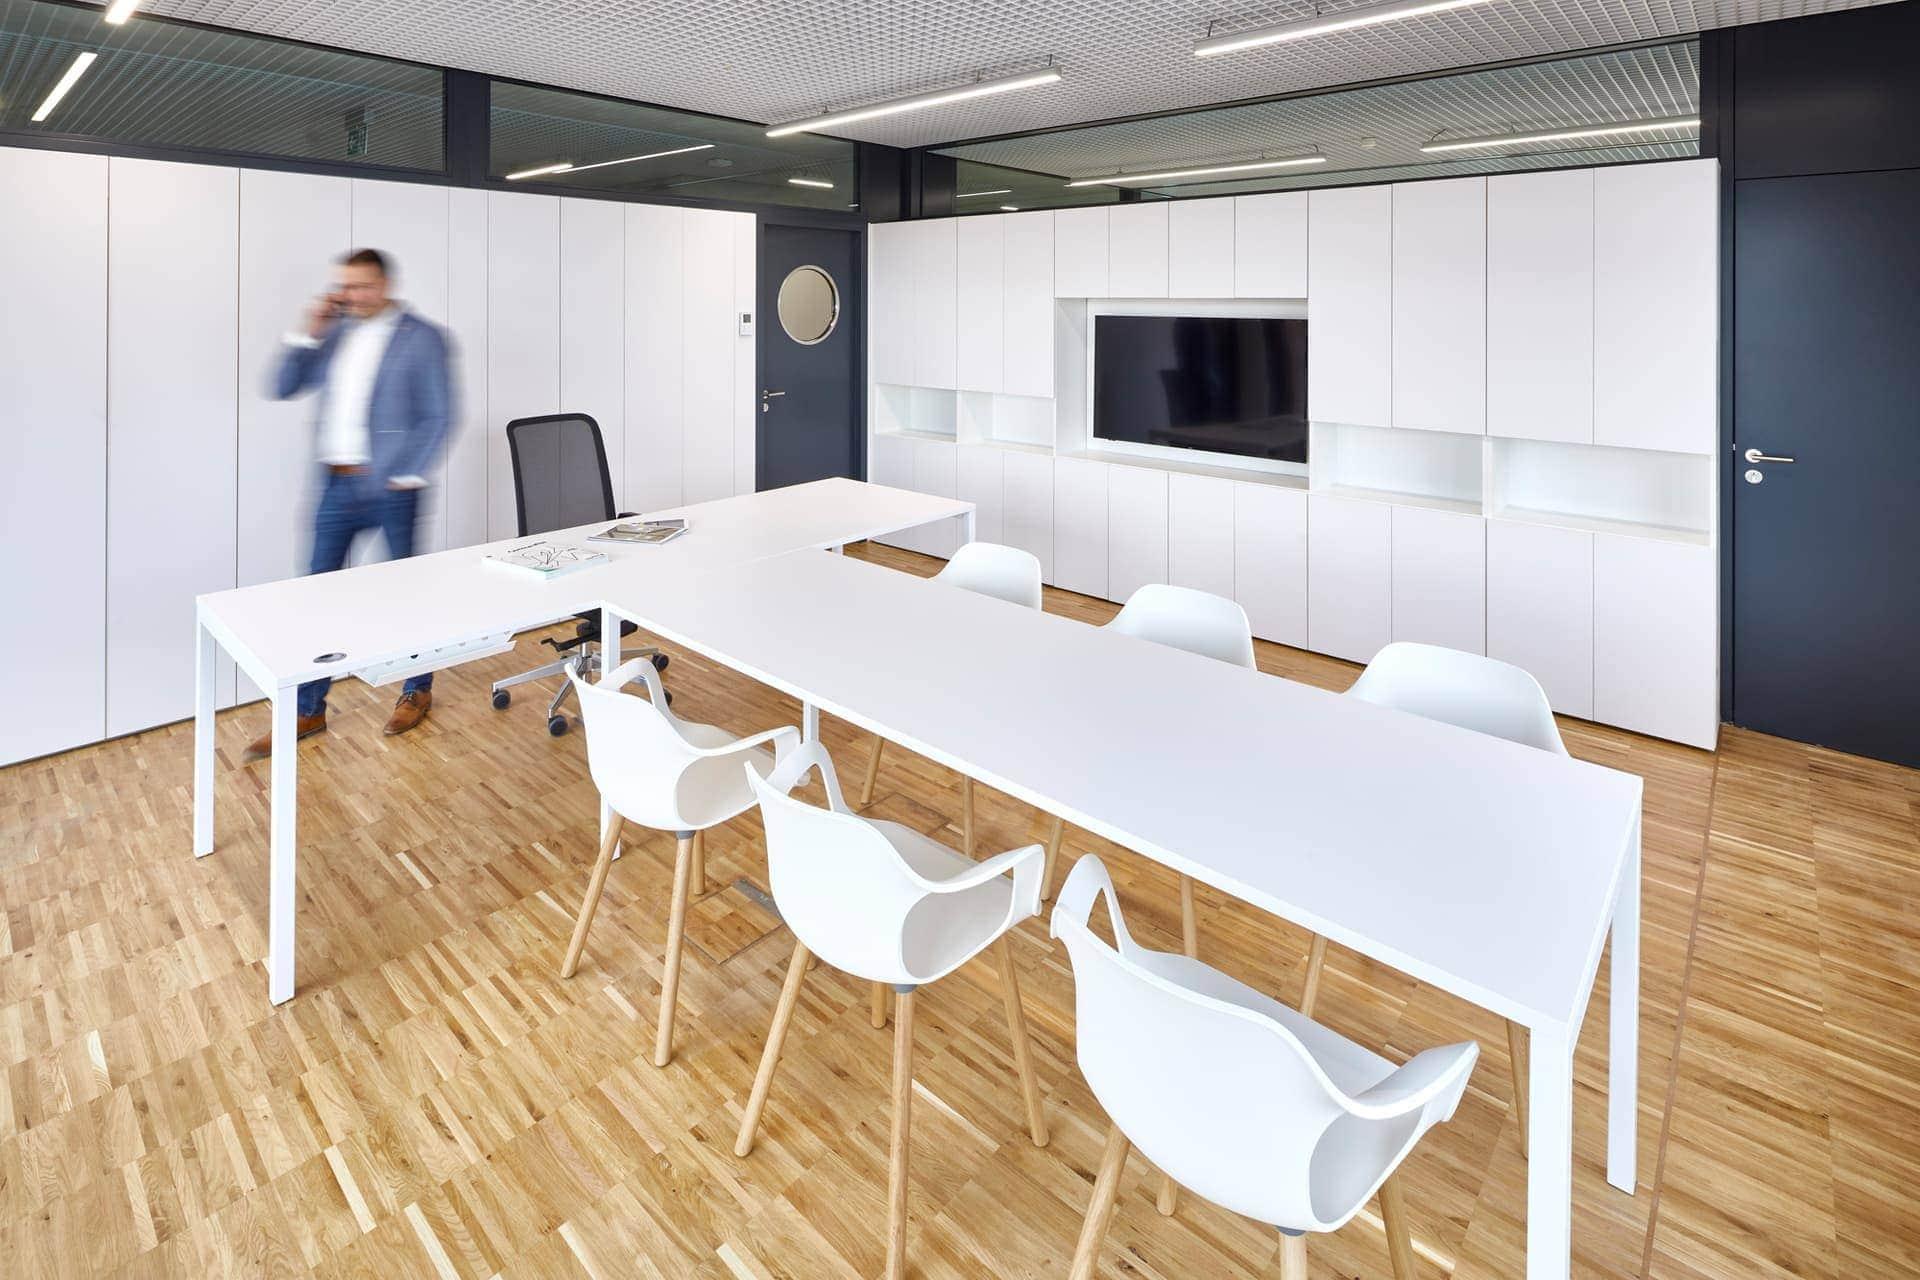 Kancelář na radnici Prahy 7 - bílý kancelářský nábytek